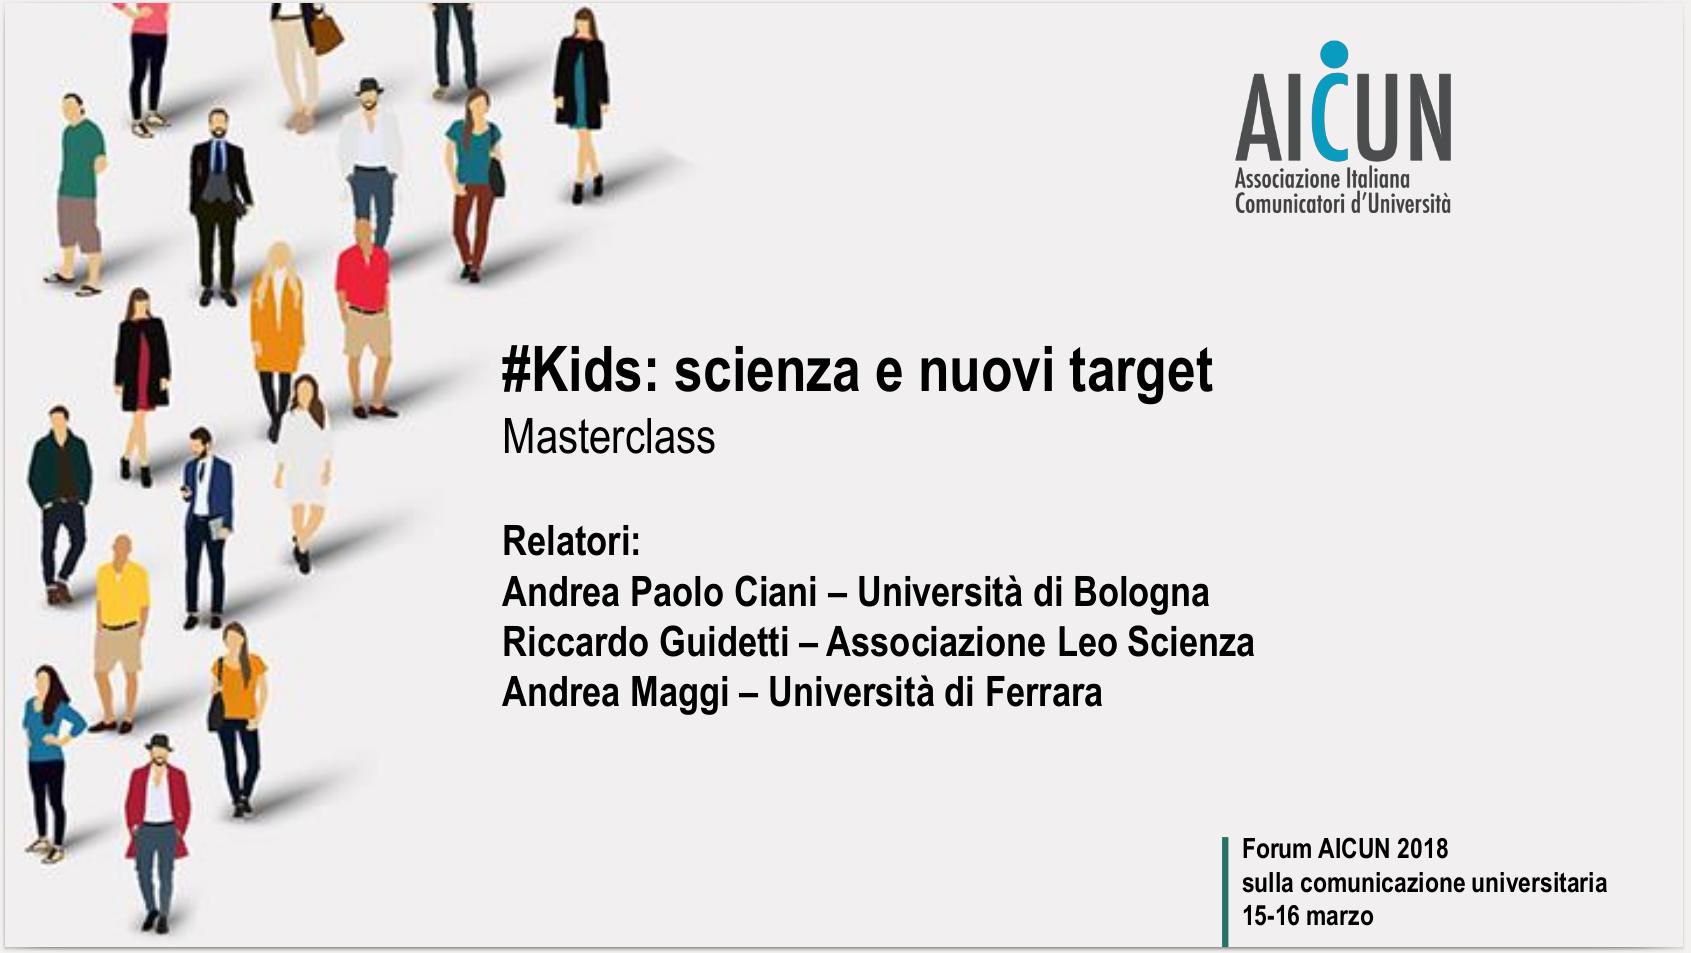 Kids: Scienza e nuovi target Forum AICUN 2018